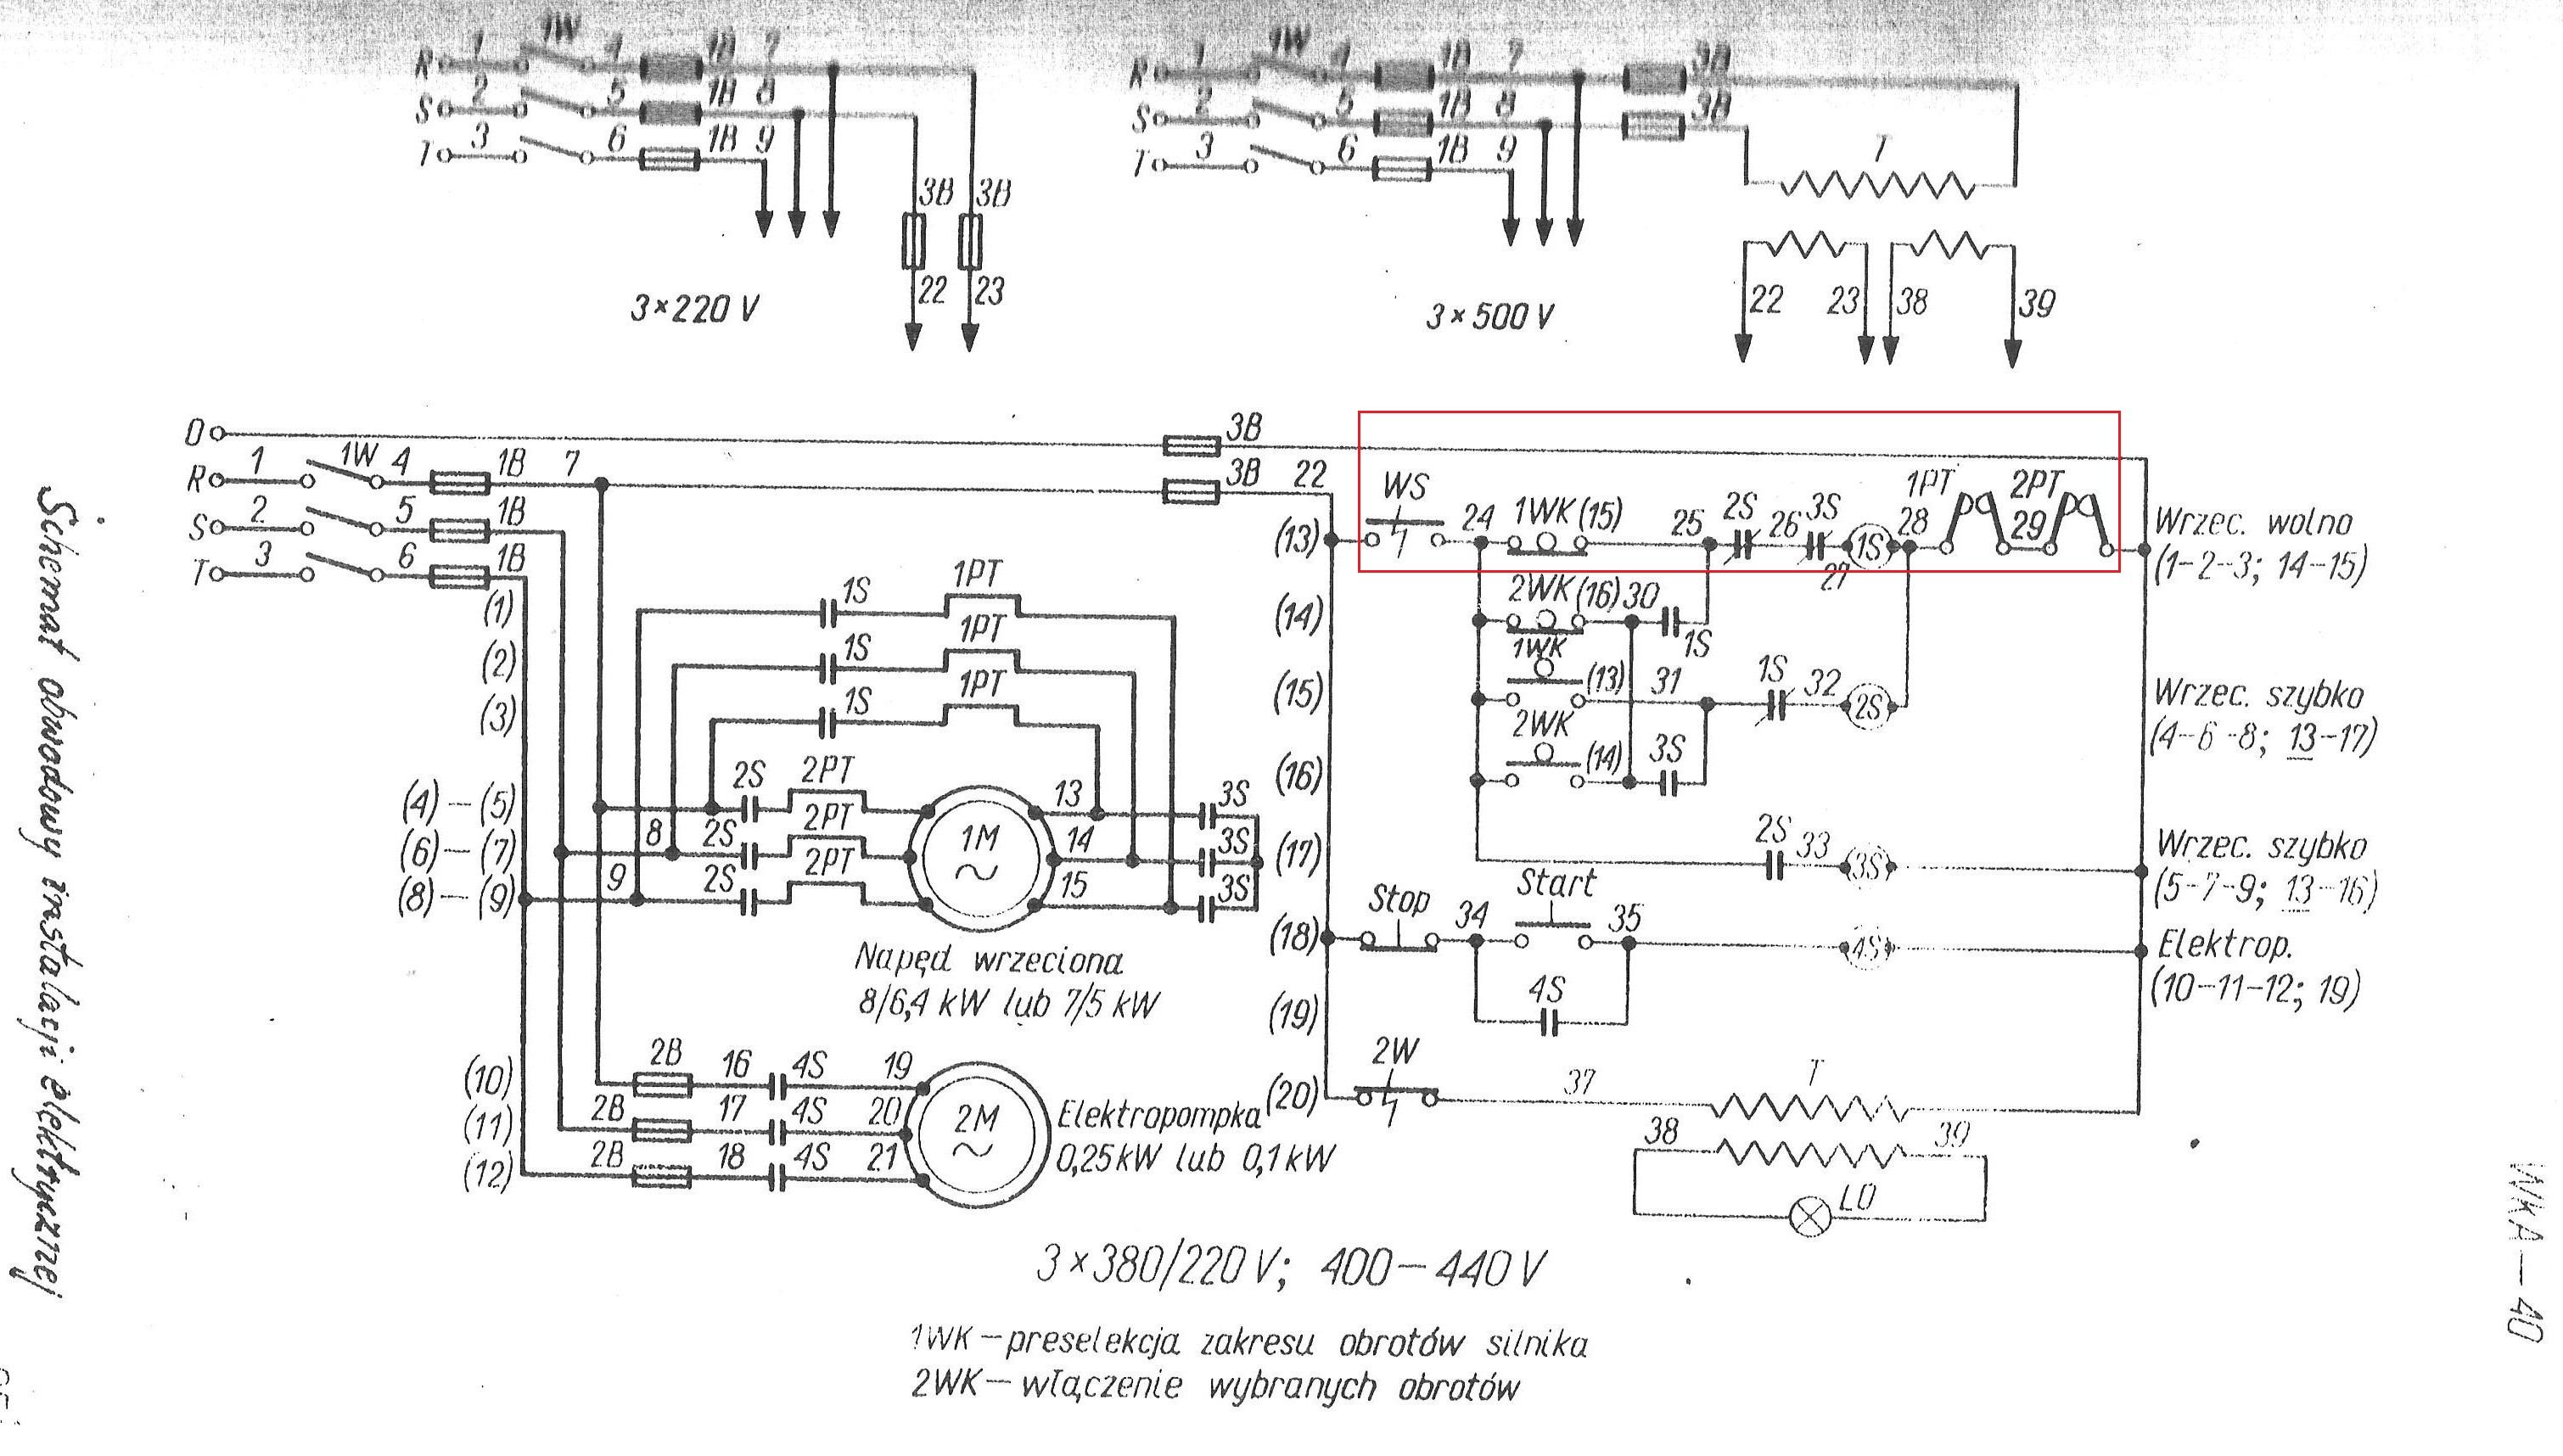 Wiertarka WKA 40, za��czenie silnika nap�dowego